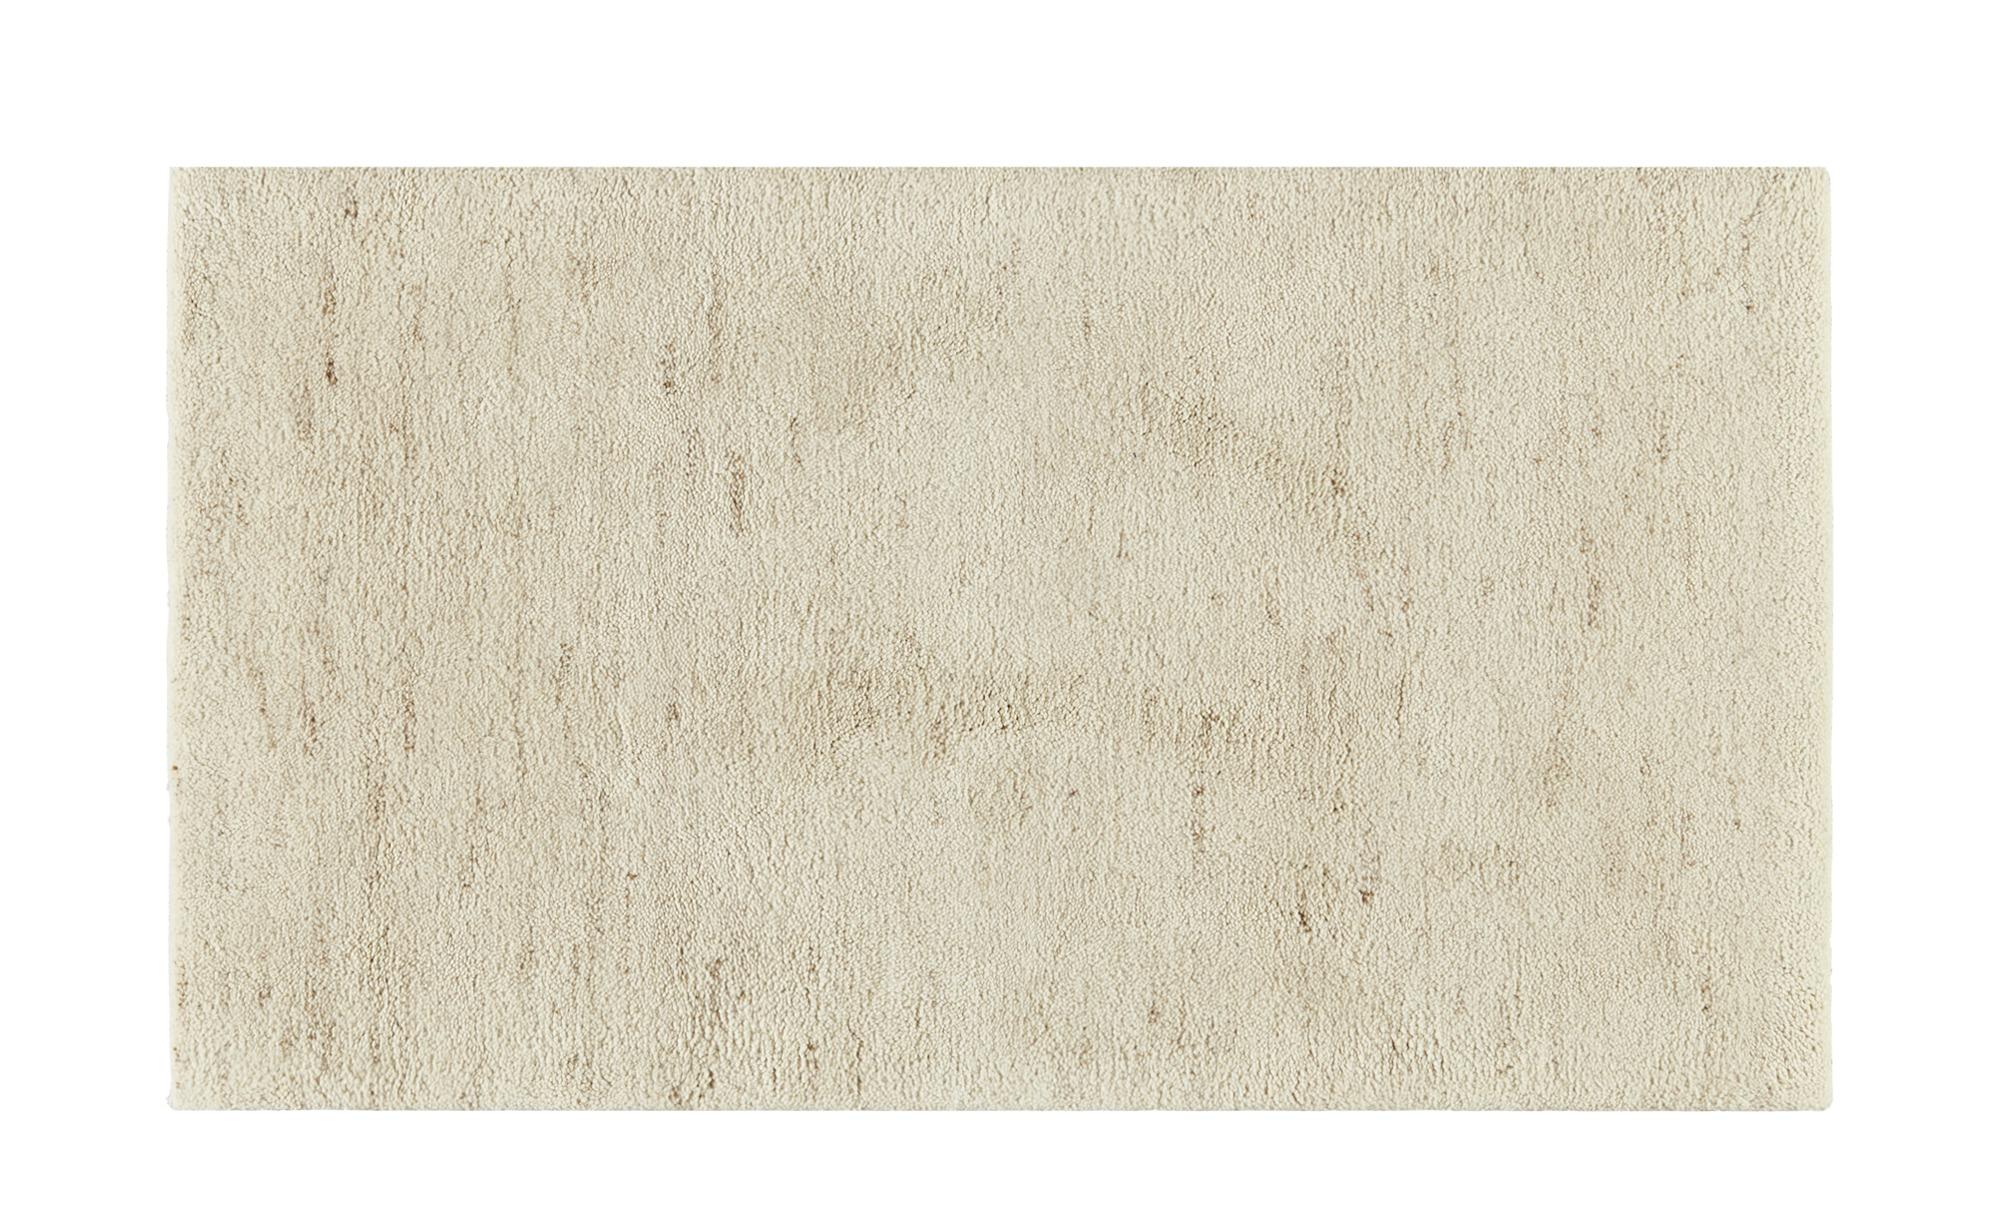 Berber-Teppich - creme - 100 % Wolle, Wolle - 70 cm - Teppiche > Wohnteppiche > Naturteppiche - Möbel Kraft | Heimtextilien > Teppiche > Berberteppiche | Sconto